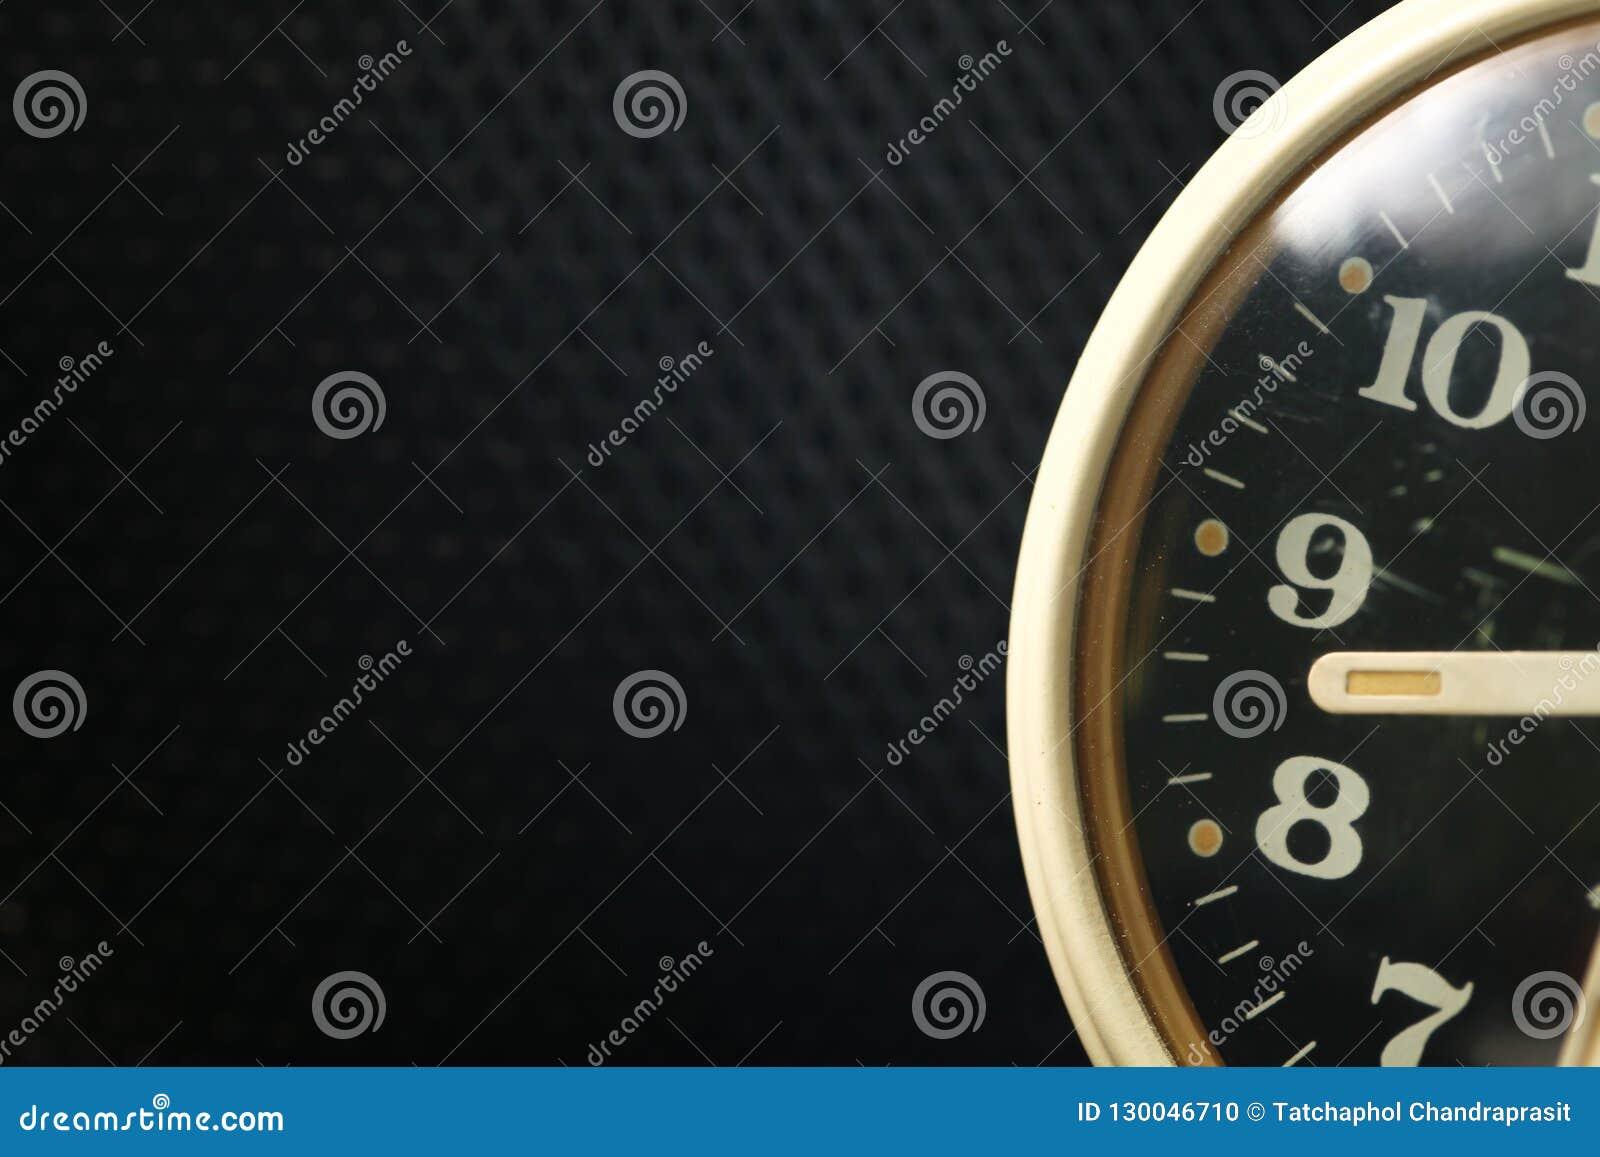 Escena del dial de reloj